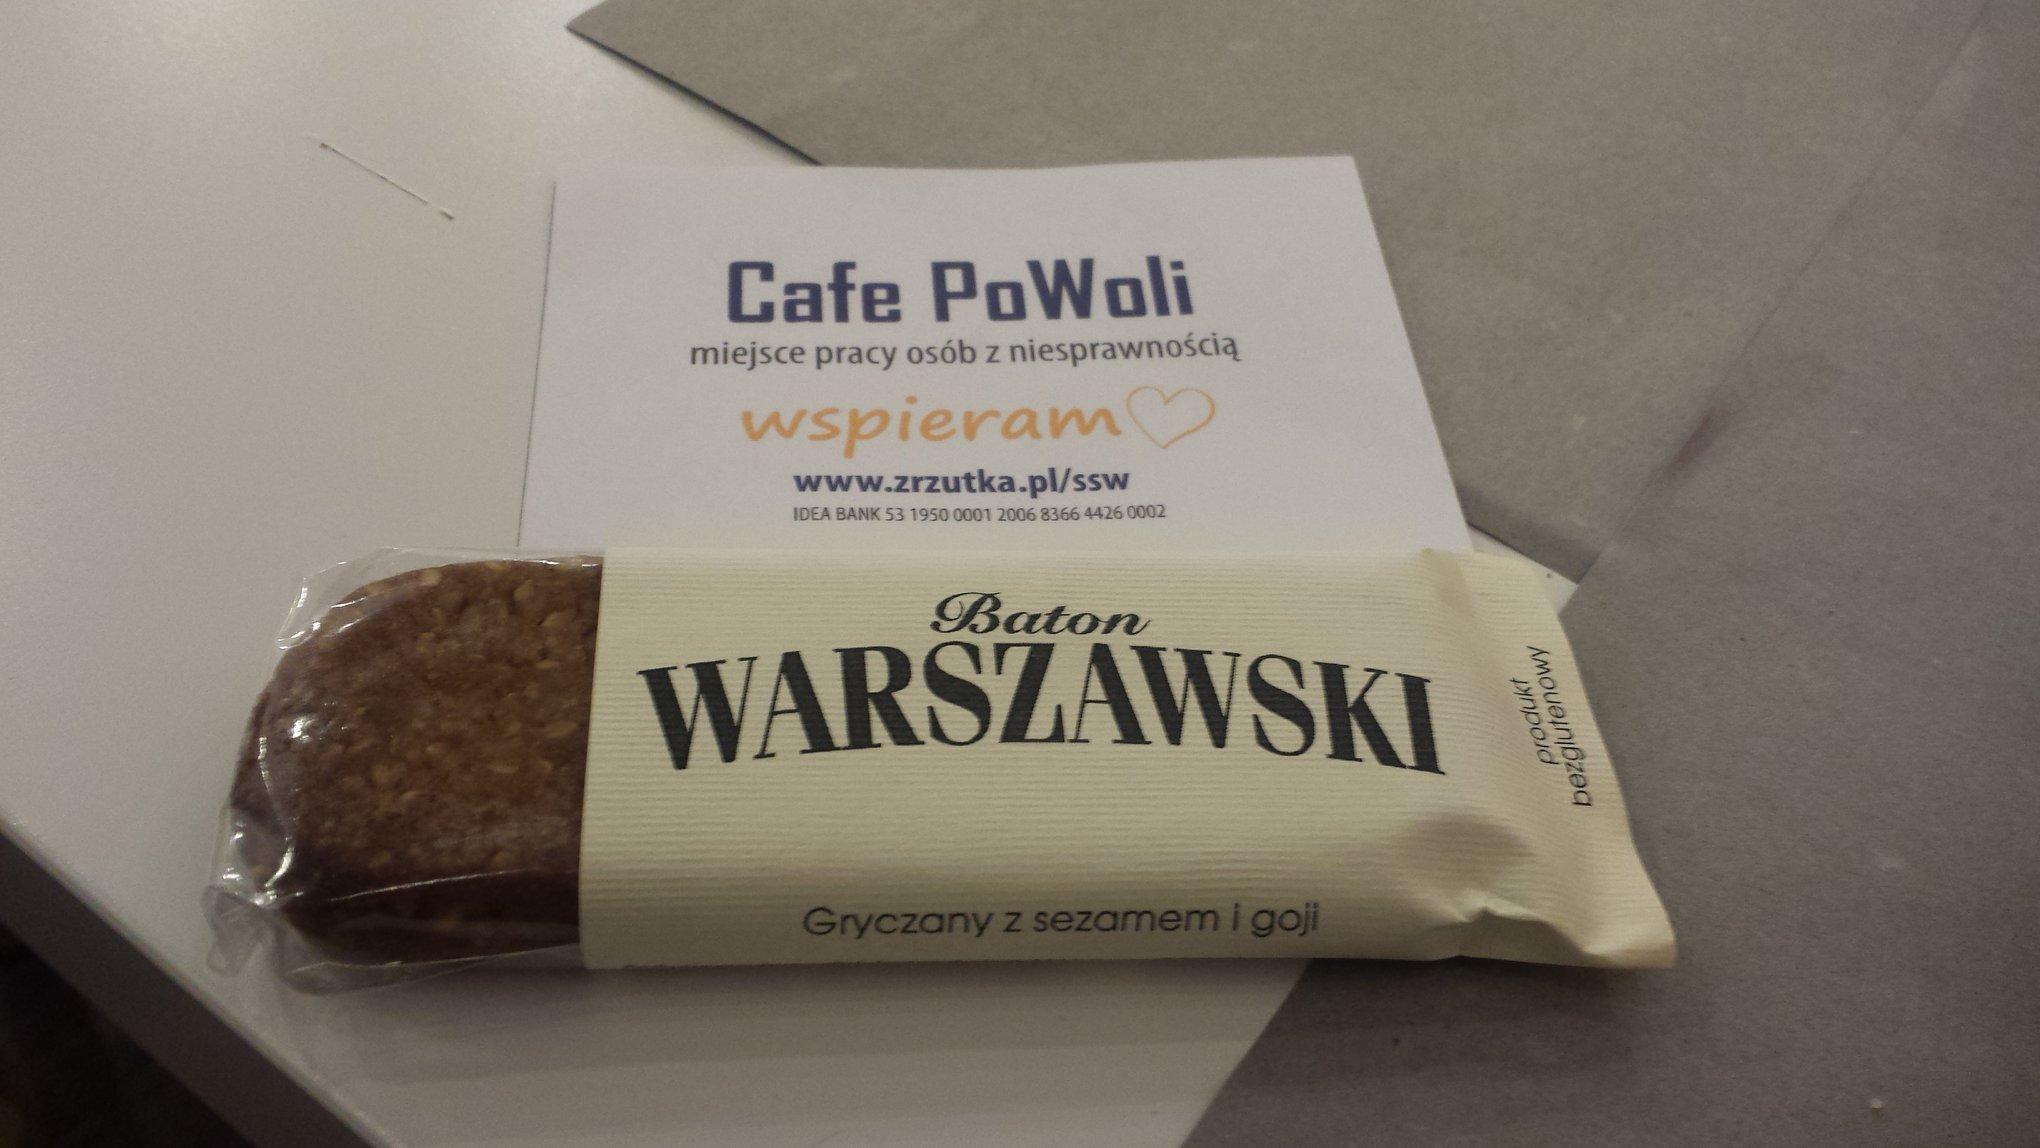 Step in Warsaw - Stadtführerin in Warschau. Ein gemütliches Kulturcafé Café PoWoli (Warschau, Smocza Straße Nr 3). Es is ein stimmungsvoller Platz mit gesellschaftlichen Werten, der Behinderte einstellt. Man sollte solche Projekte unterstützen! Sie können dort lokale und gesunde Produkte kaufen: glutenfrei, zuckerfrei.